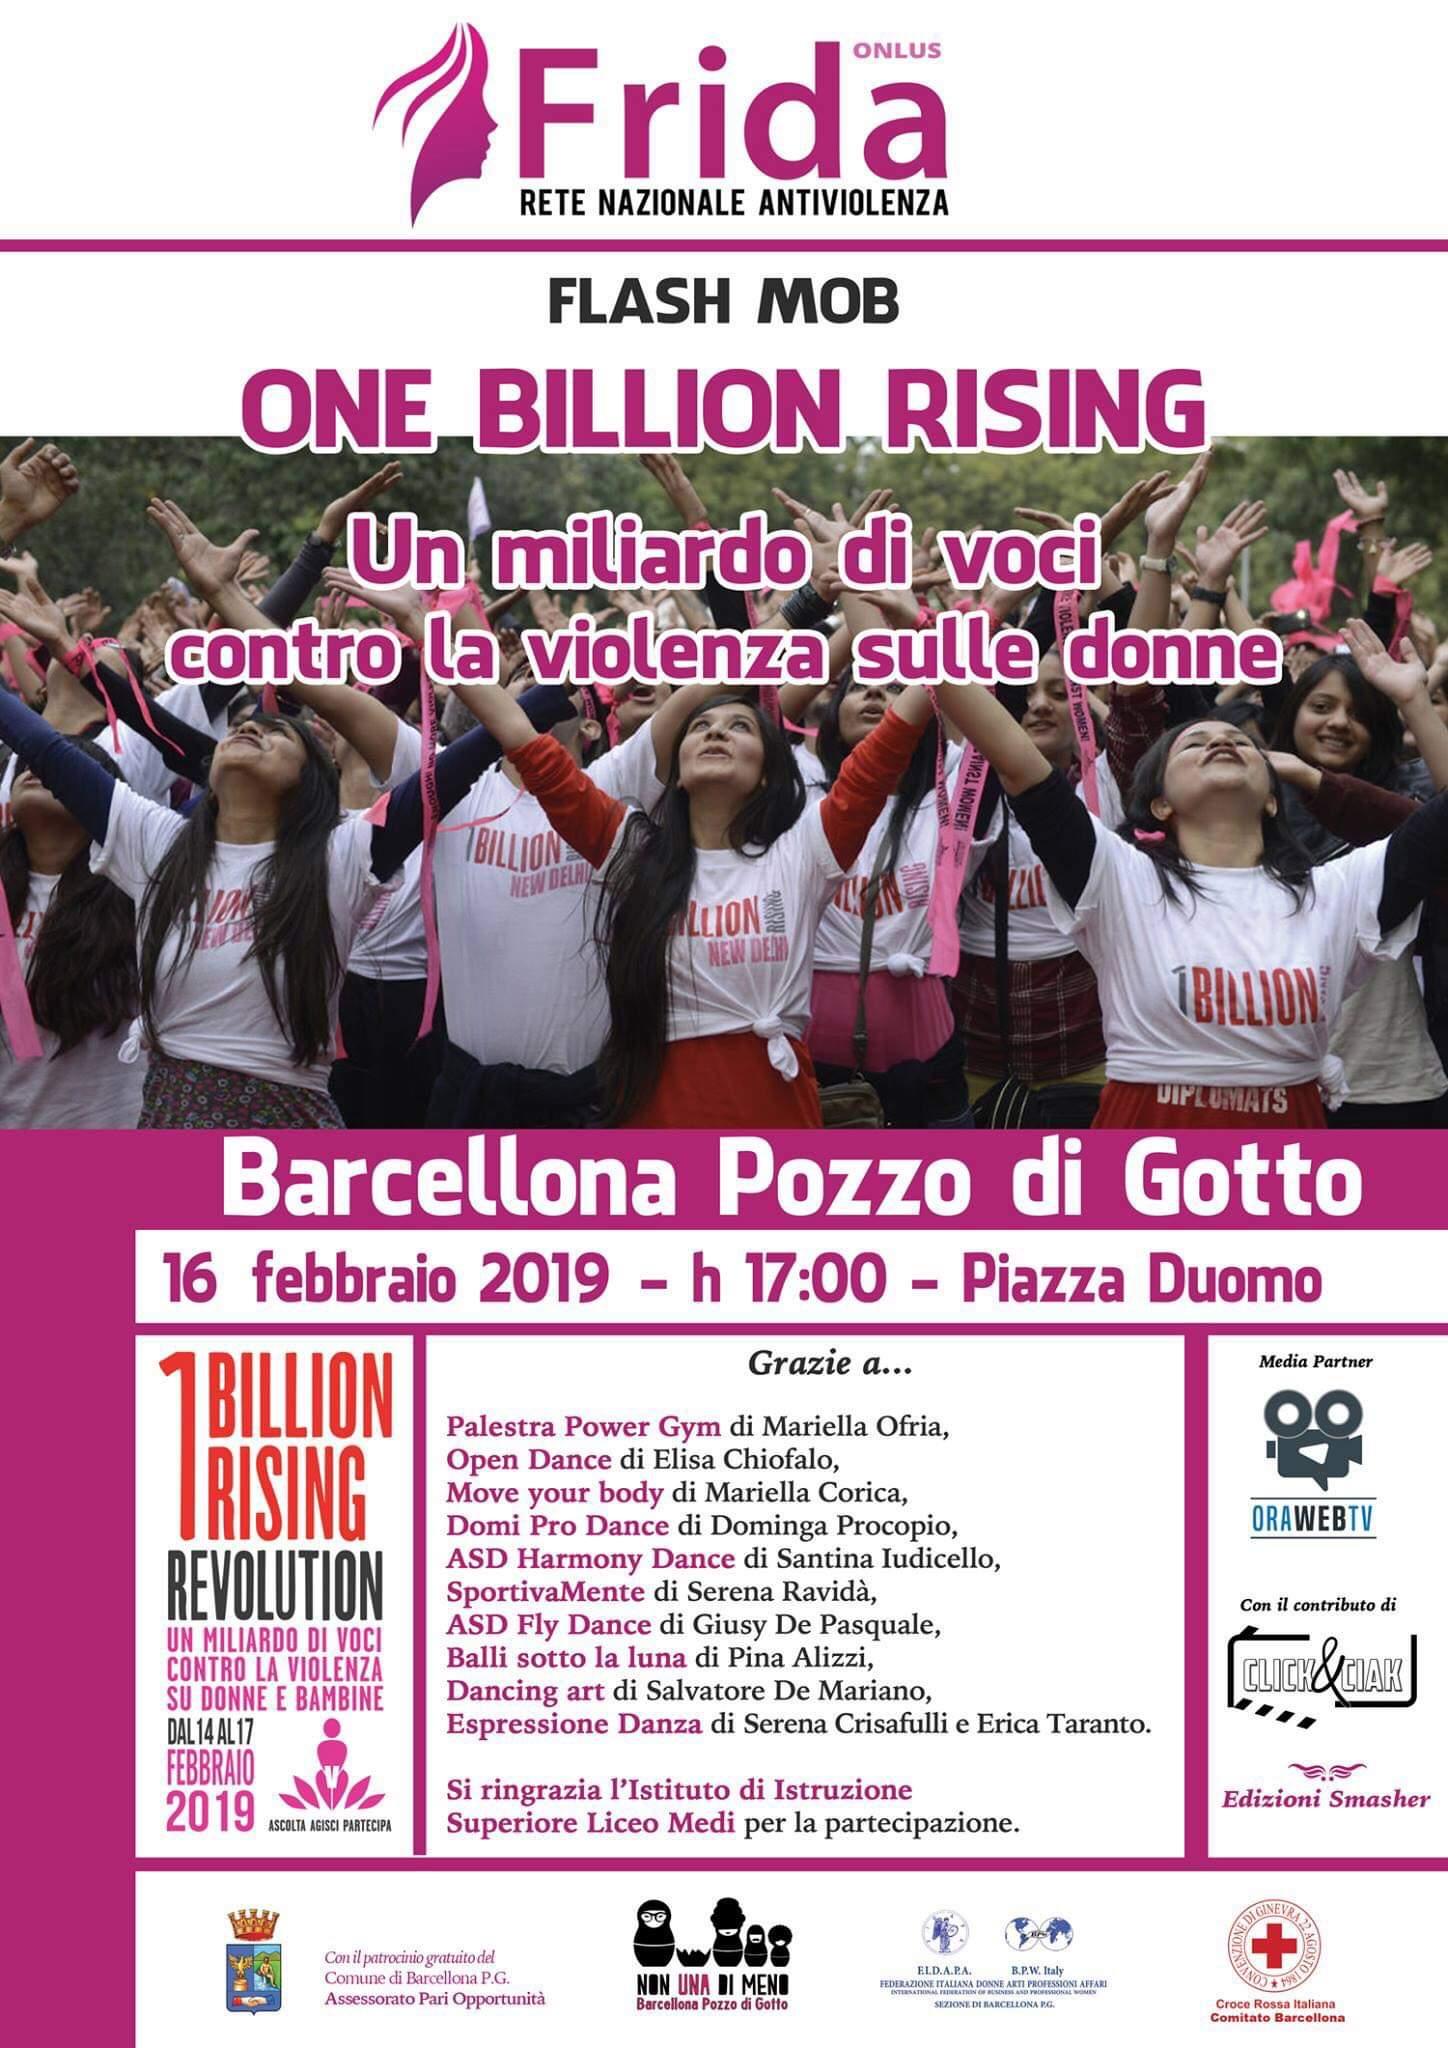 Barcellona PG. Frida Onlus invita a danzare contro la violenza sulle donne